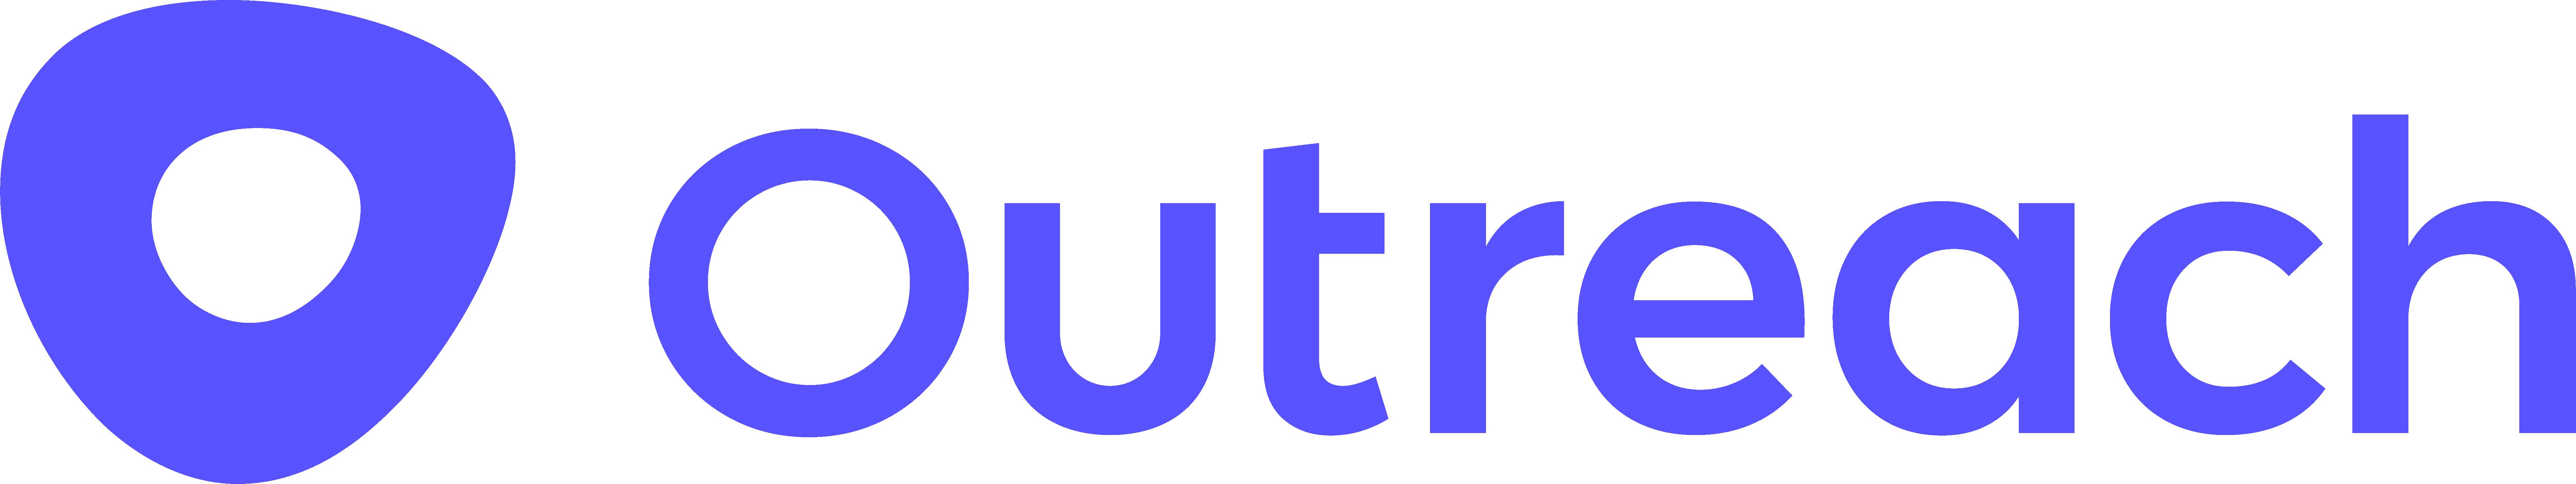 Salesforce Inbox Alternatives: Outreach